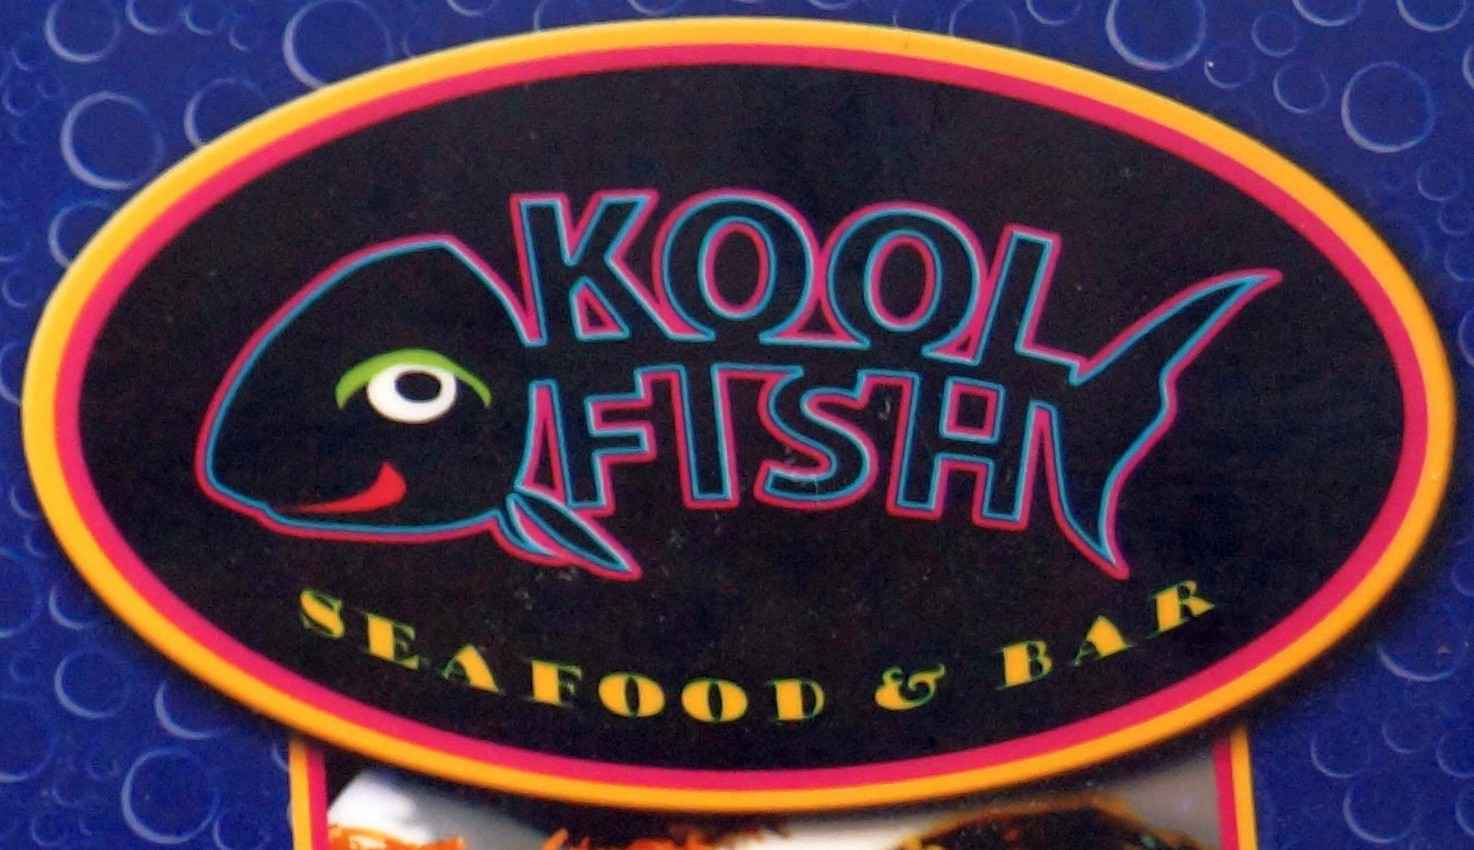 The Kool Fish logo above the door of the restaurant.